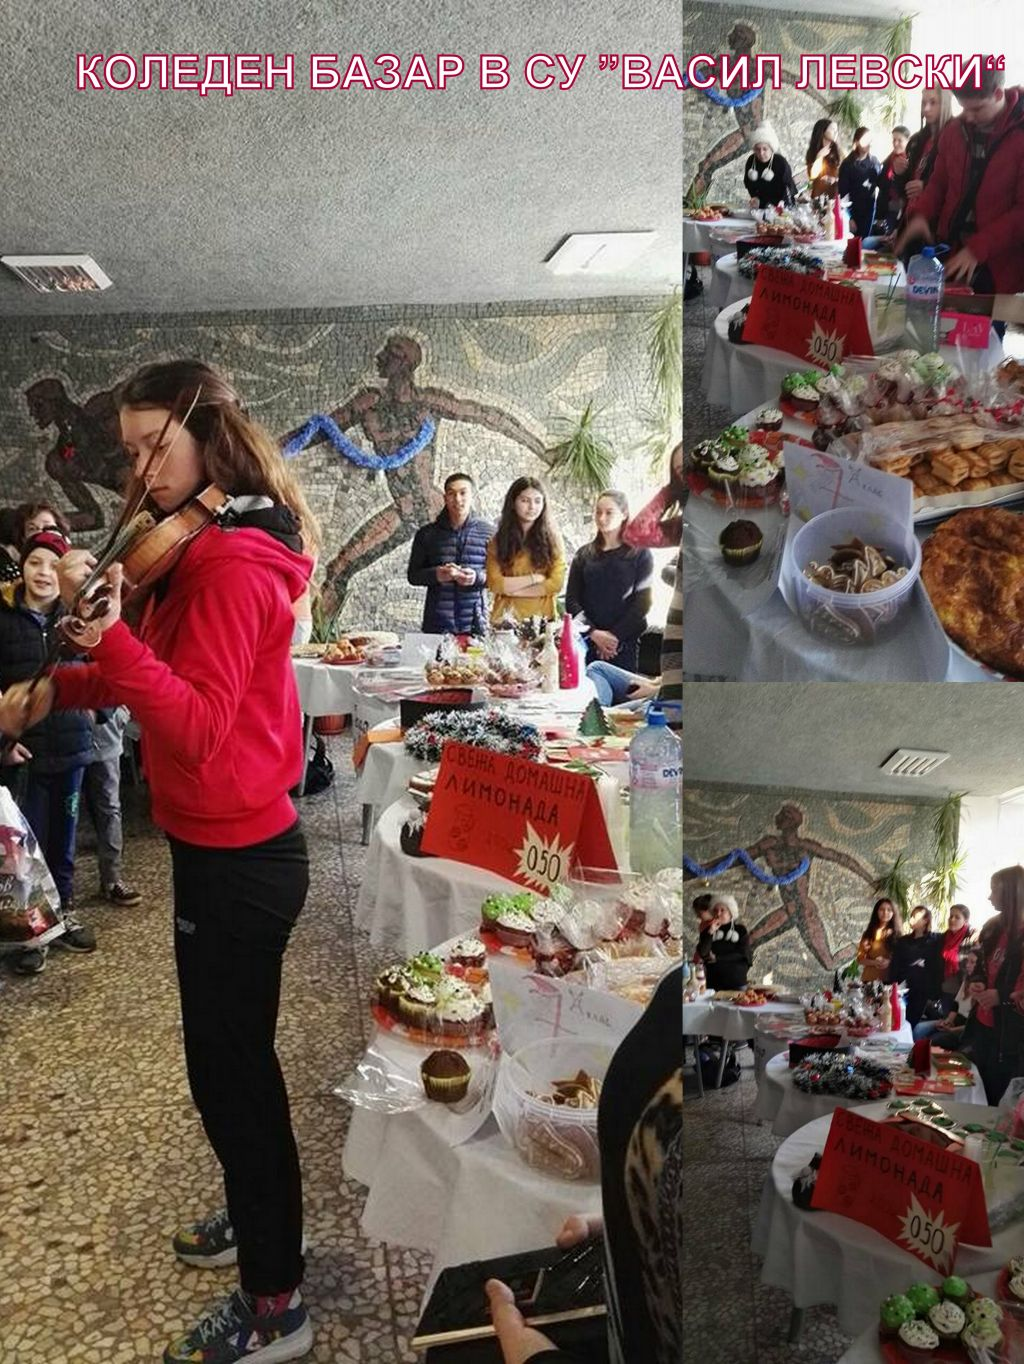 Коледен базар - СУ Васил Левски - Пловдив